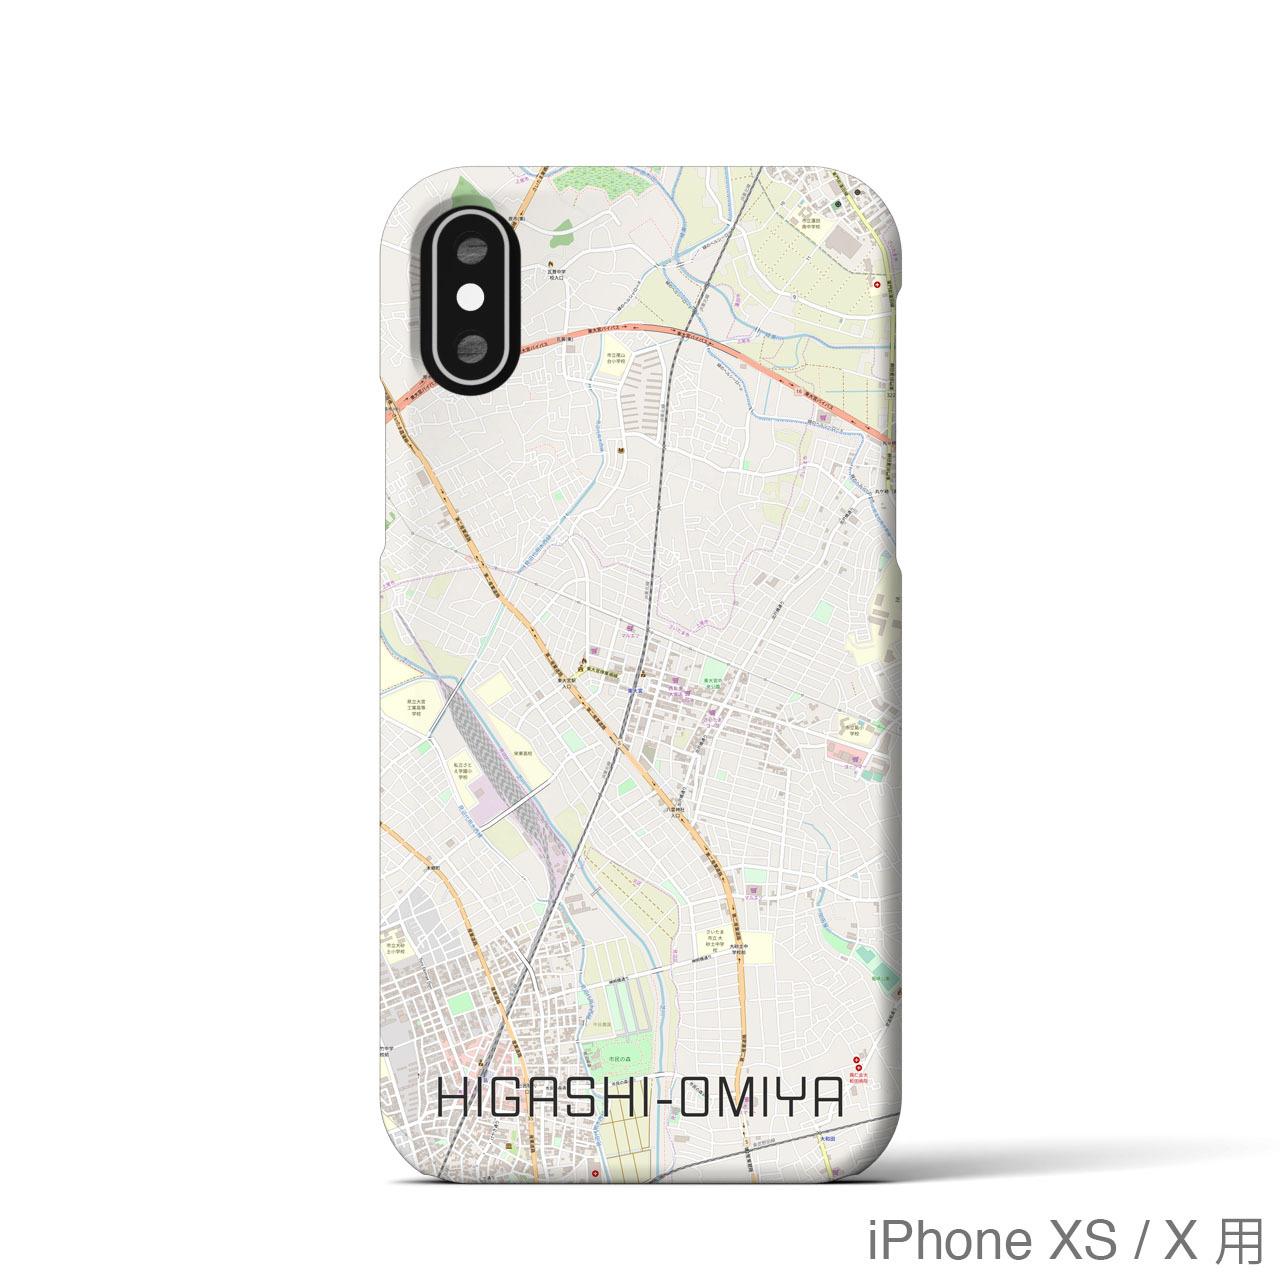 【東大宮】地図柄iPhoneケース(バックカバータイプ・ナチュラル)